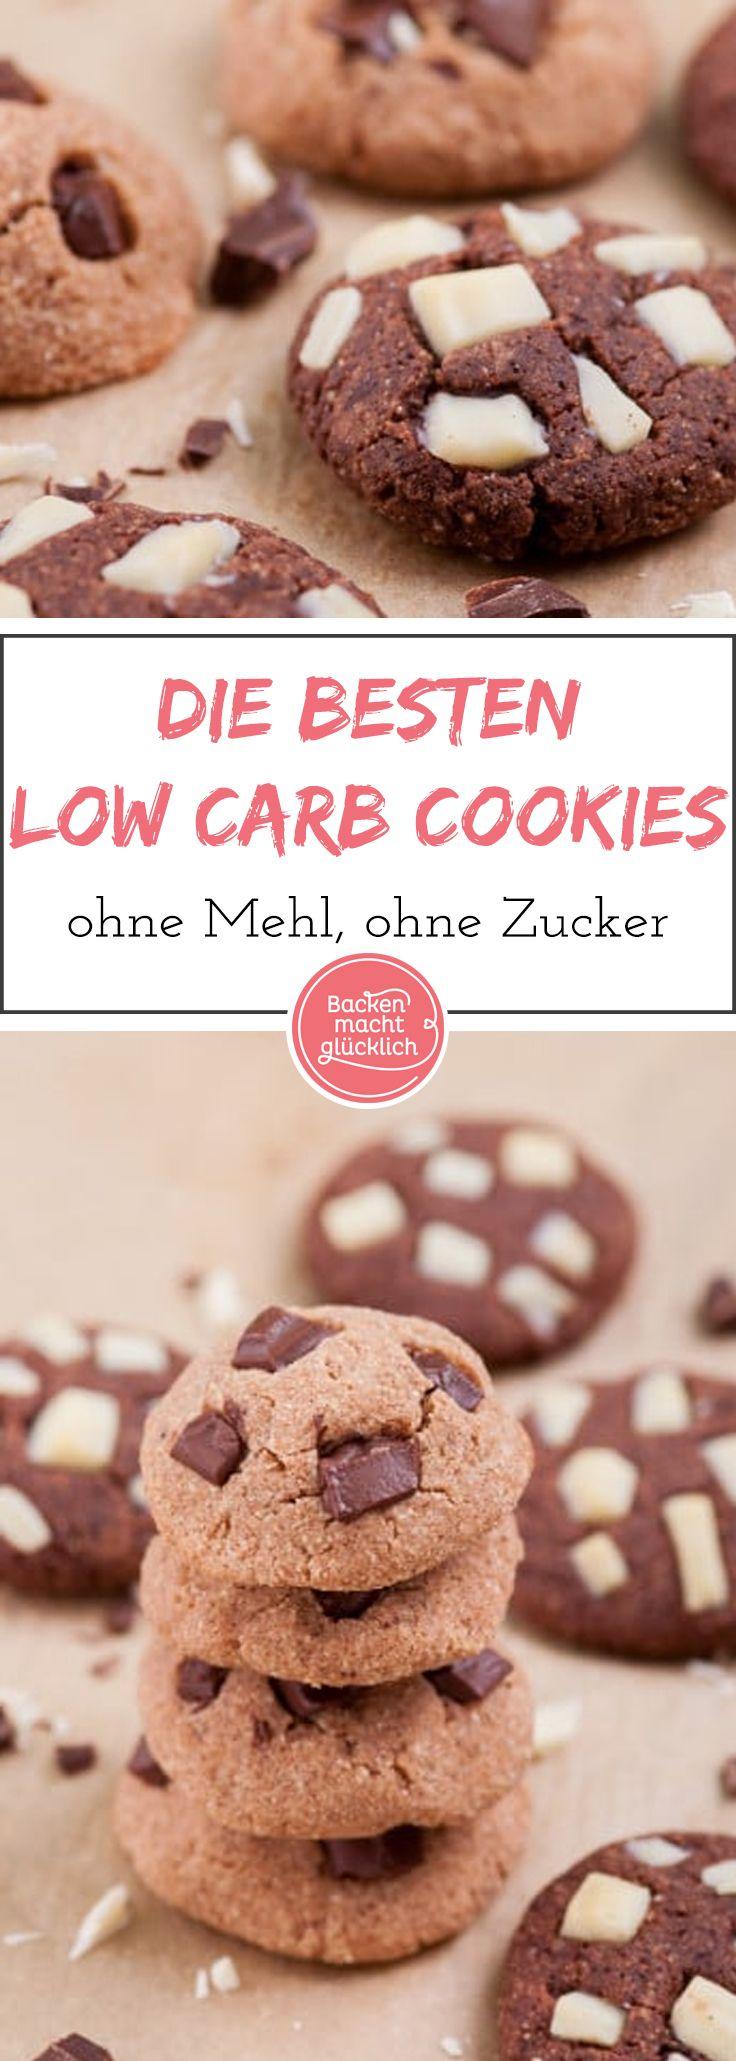 Köstliche, softe Low Carb Cookies ohne Zucker und Mehl, die überhaupt nicht nach Verzicht schmecken! Die gesunden Cookies sind auch für Diabetiker und Menschen mit Glutenintoleranz geeignet. Am besten  die zuckerfreien Schoko-Kekse noch lauwarm oder direkt aus dem Tiefkühlfach genießen.